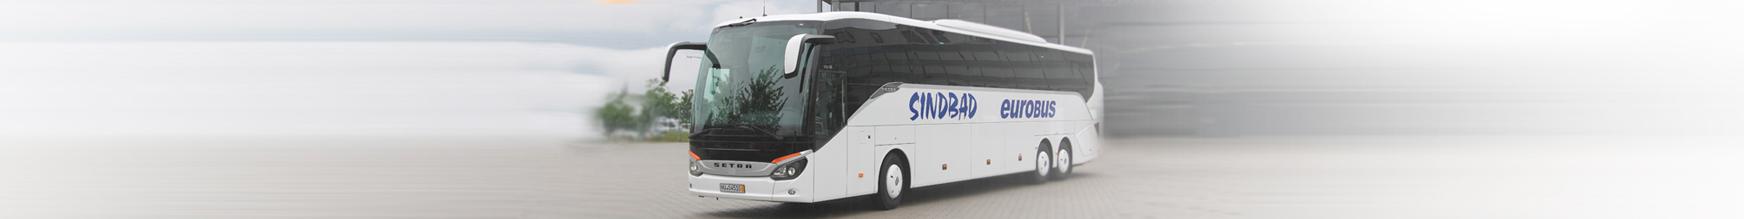 sindbad_eurobus_avtobus_04